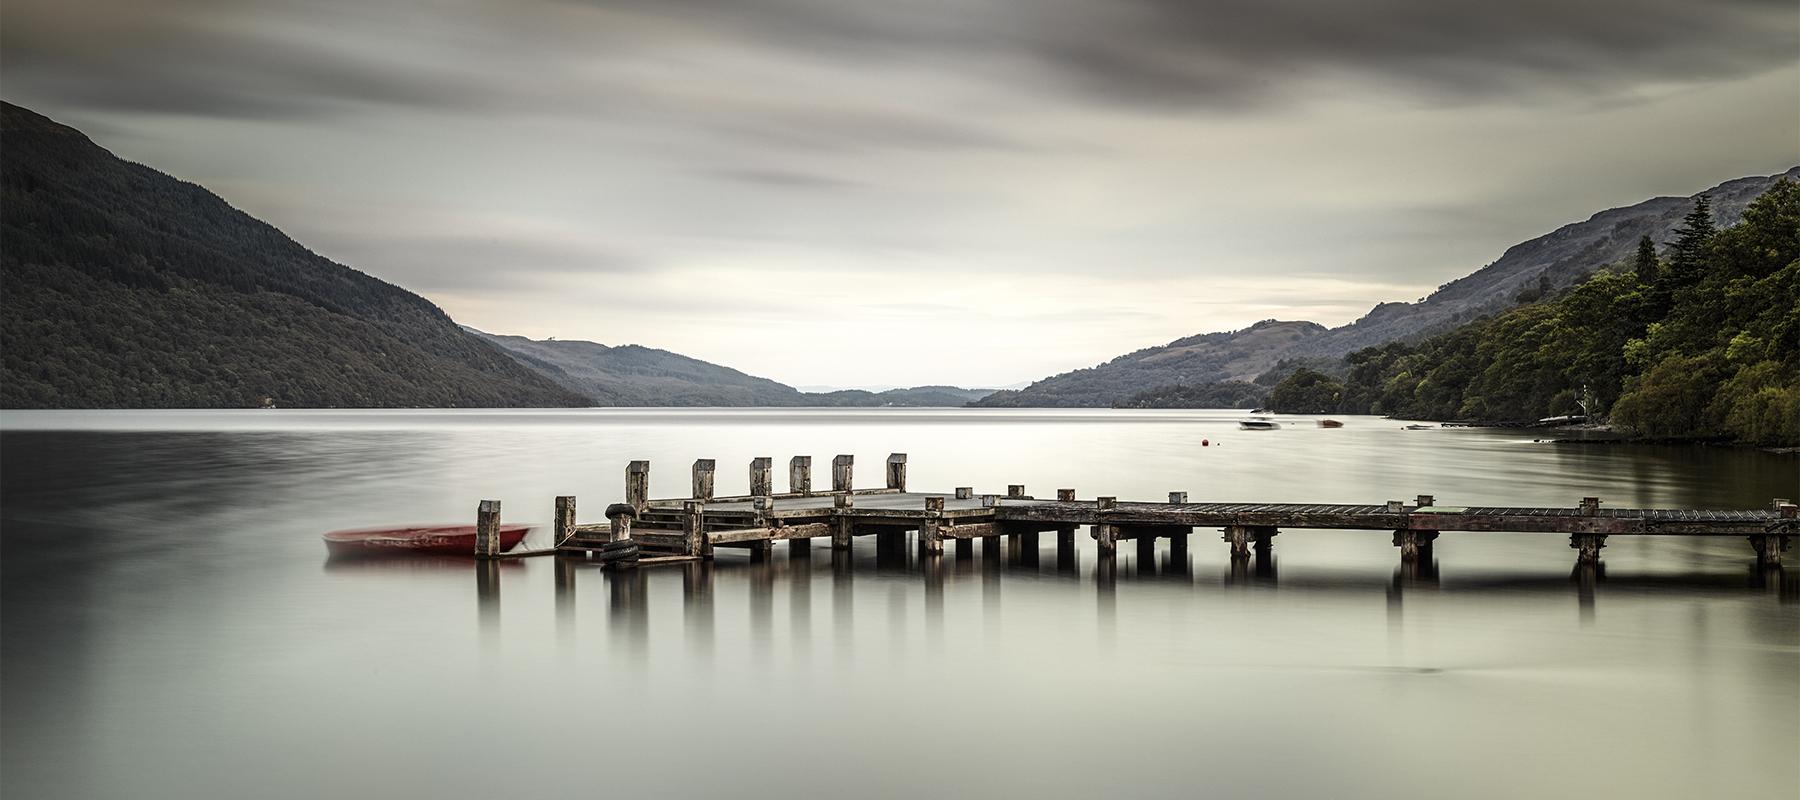 Spirit van de maand februari 2020: Loch Lomond Original